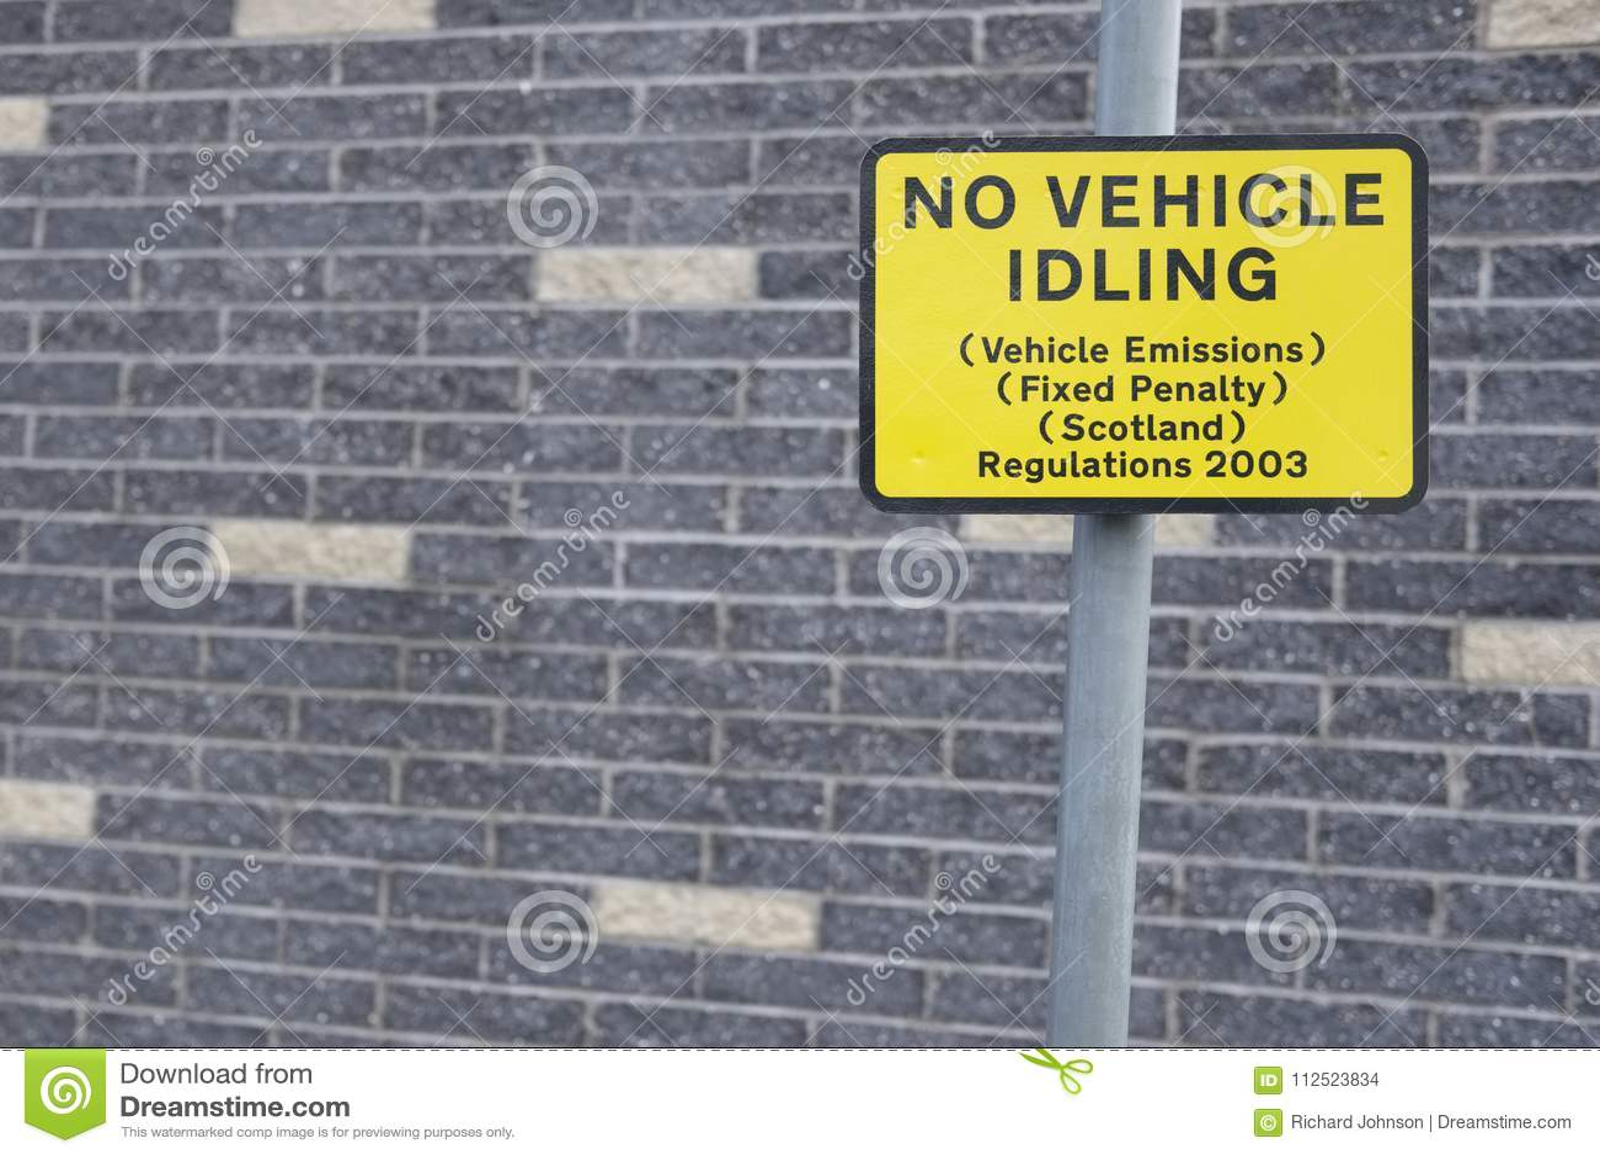 Geen voertuig die teken op wegstraat niets uitvoeren om voertuigemissies te verminderen bevestigde sanctieverordeningen Schotland